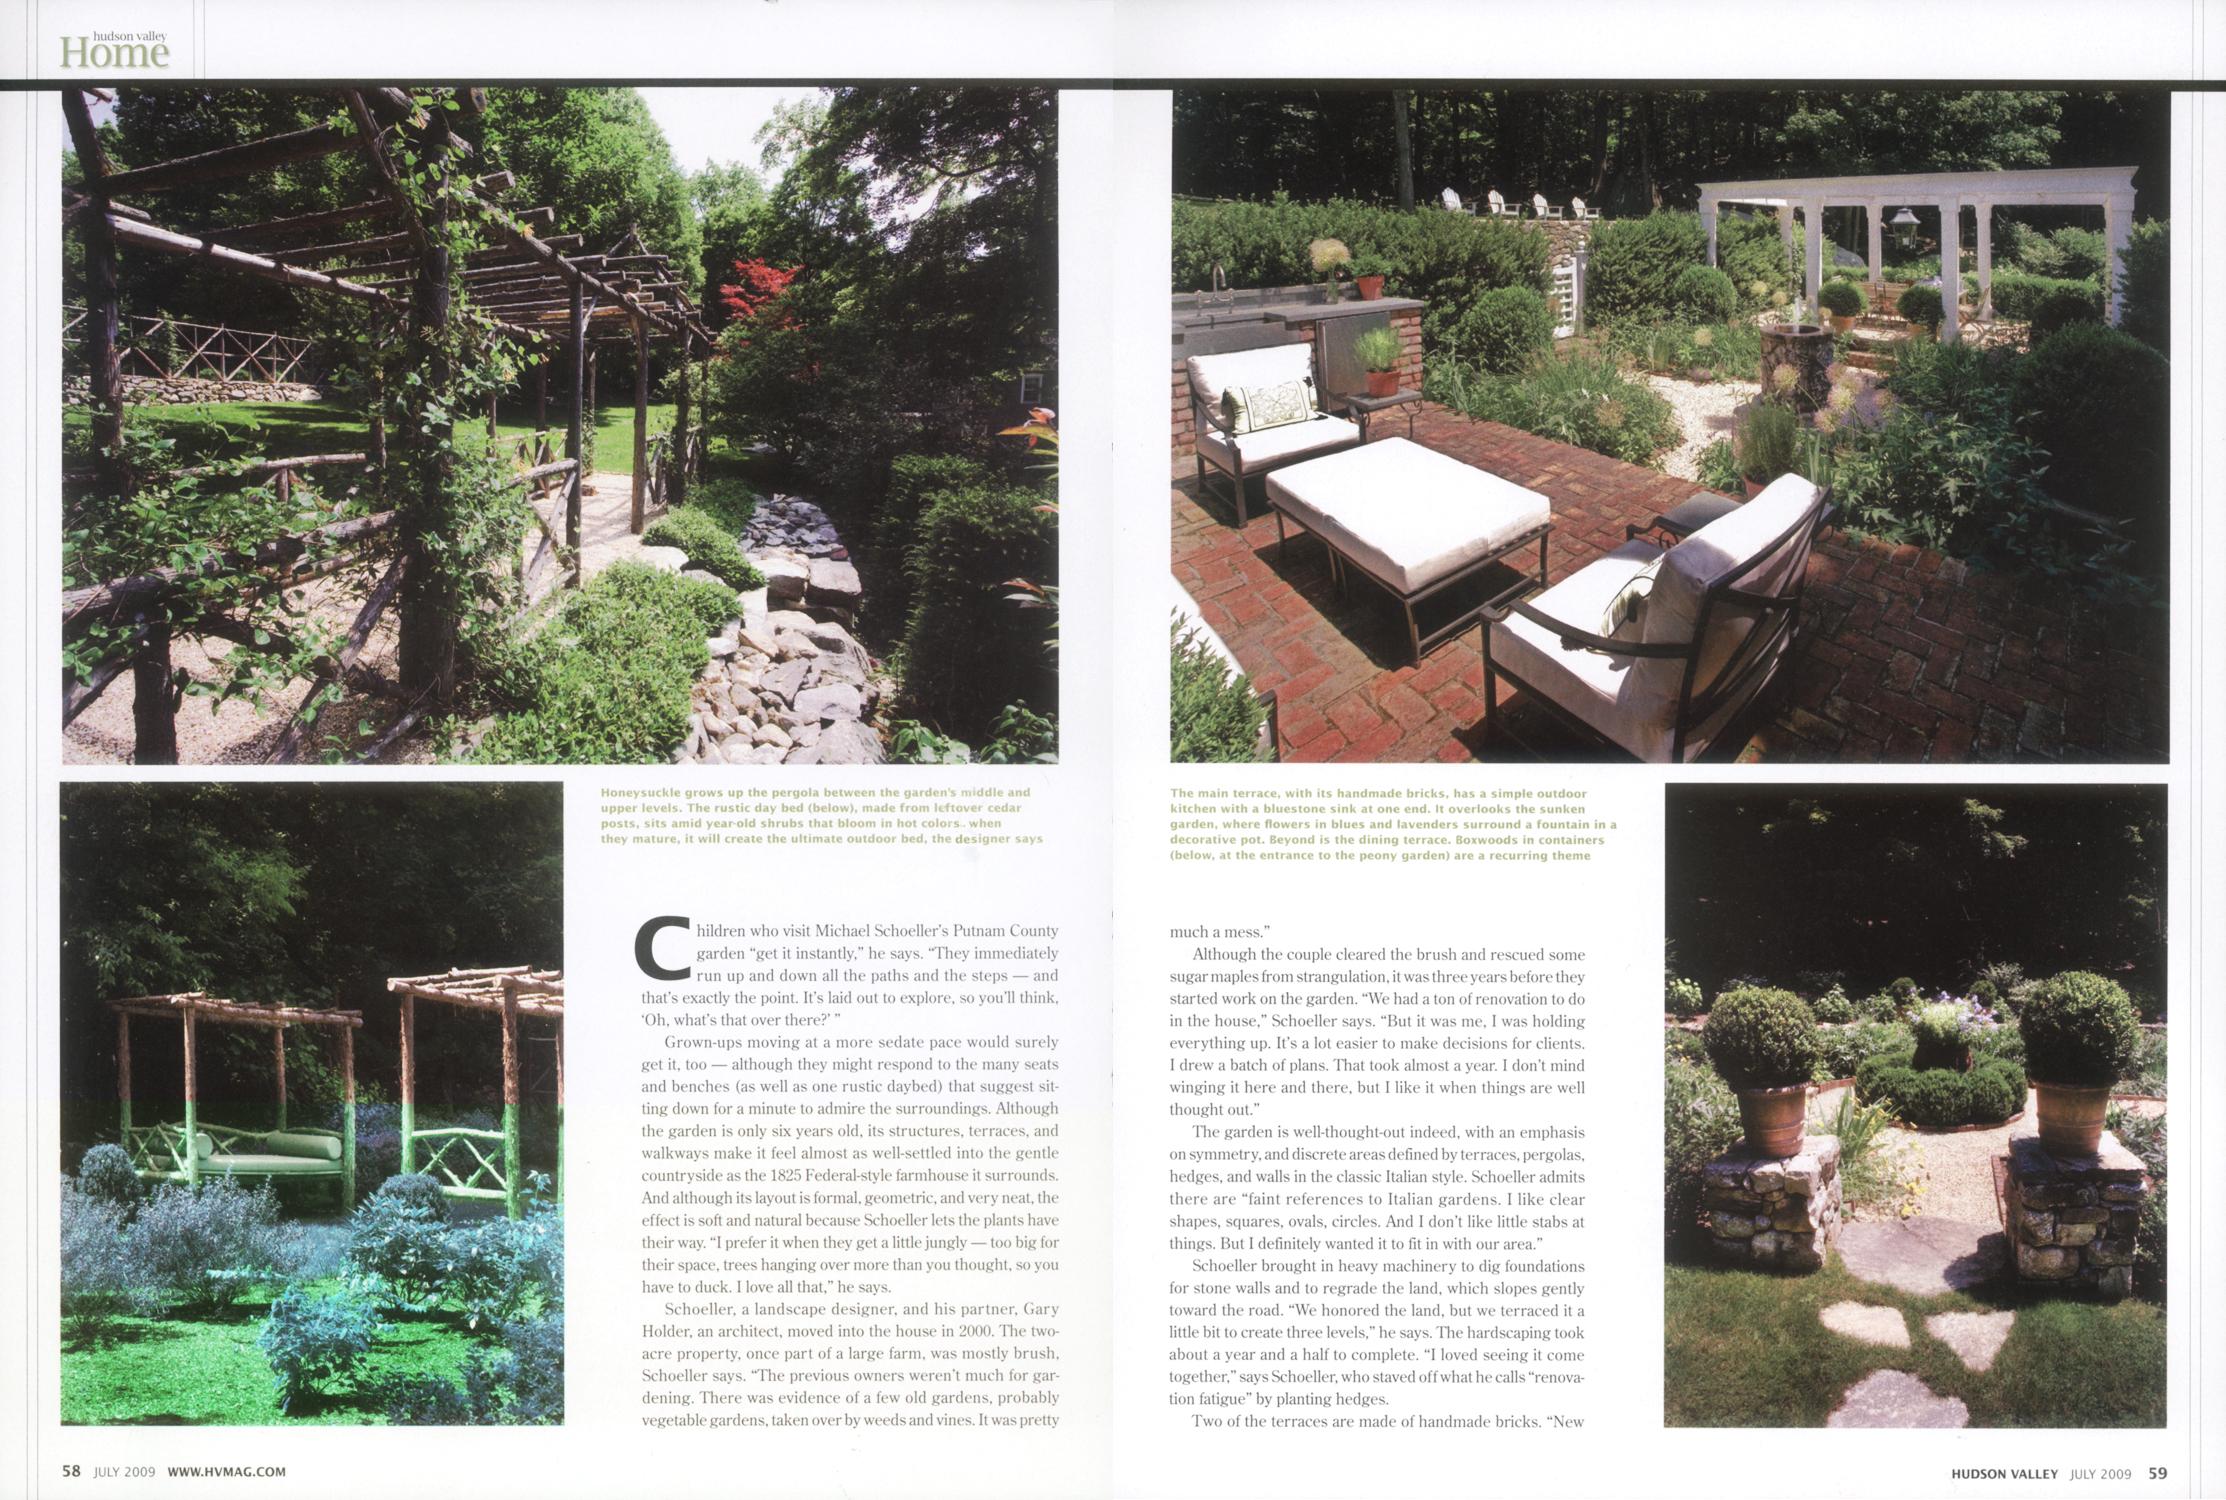 Landscape design by Michael Schoeller.